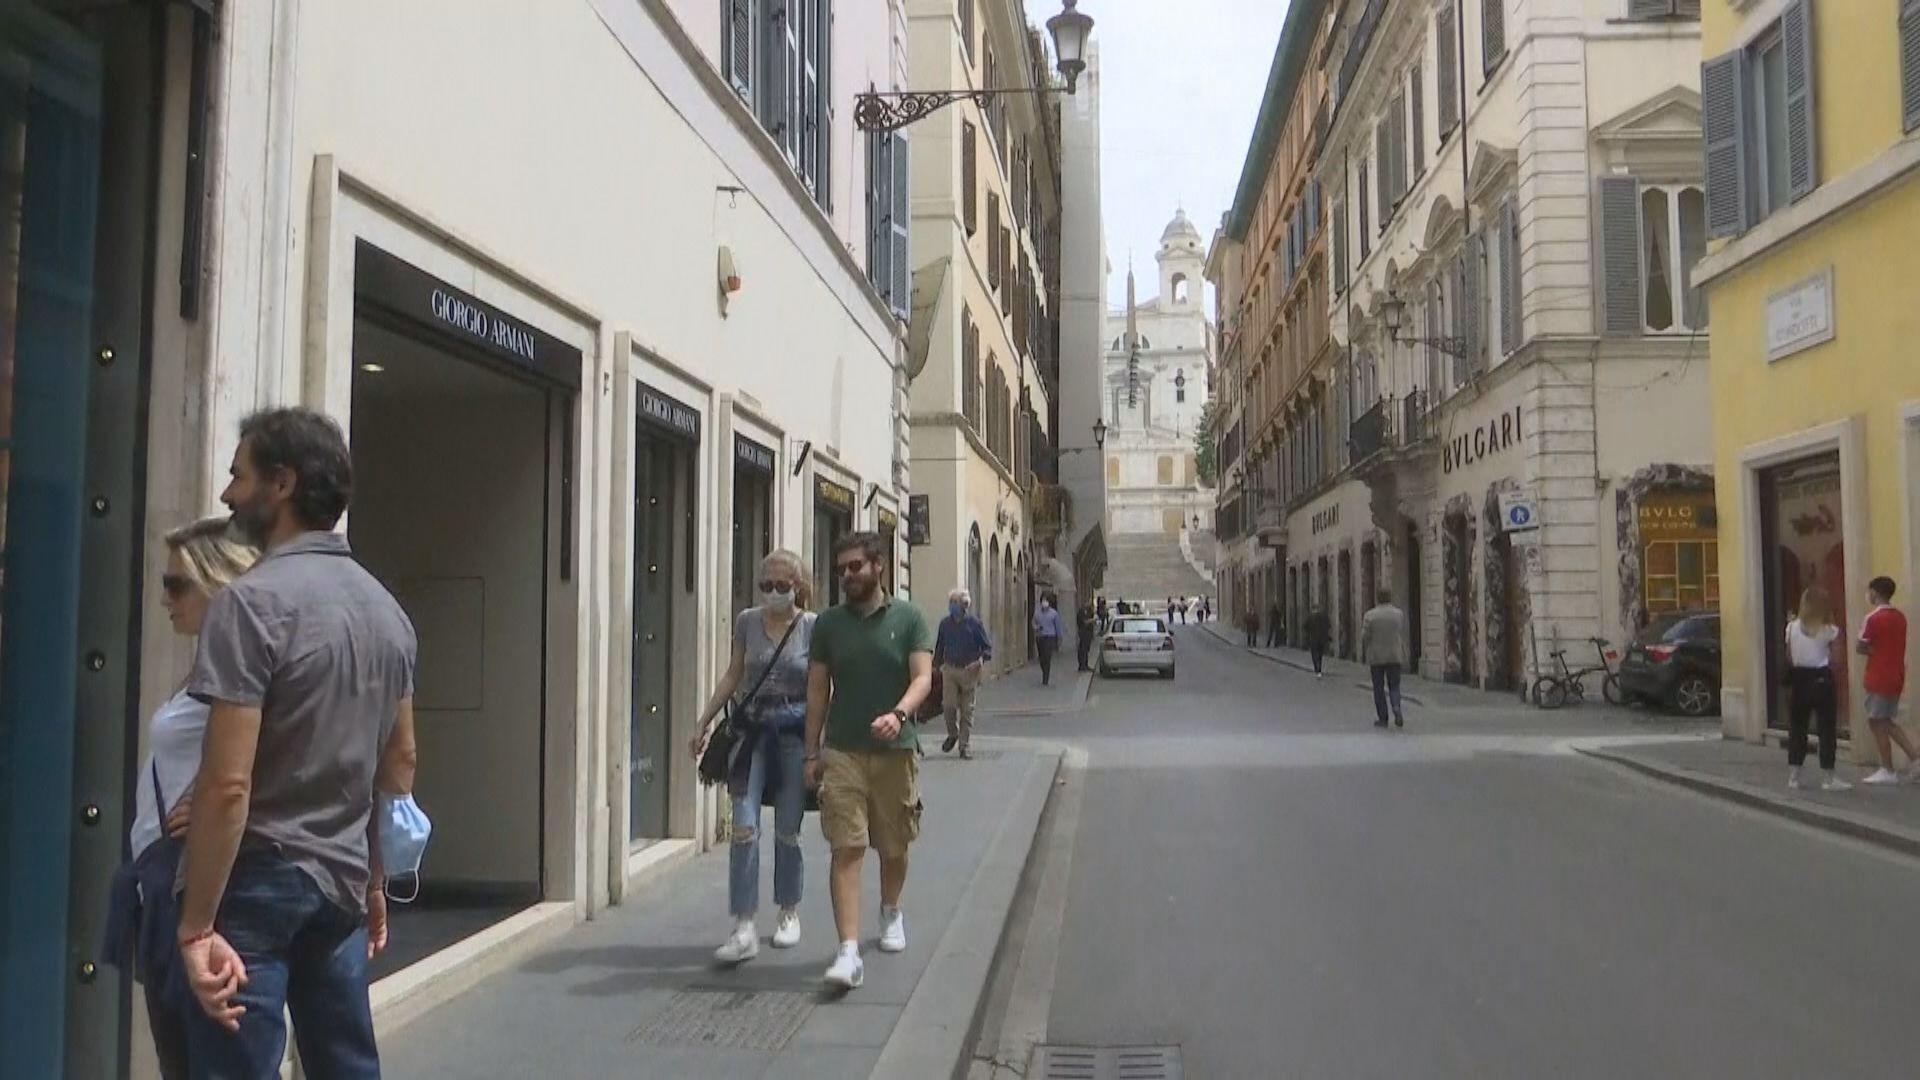 德國與歐盟國家商討放寬旅遊禁令 讓民眾暑假期間出外